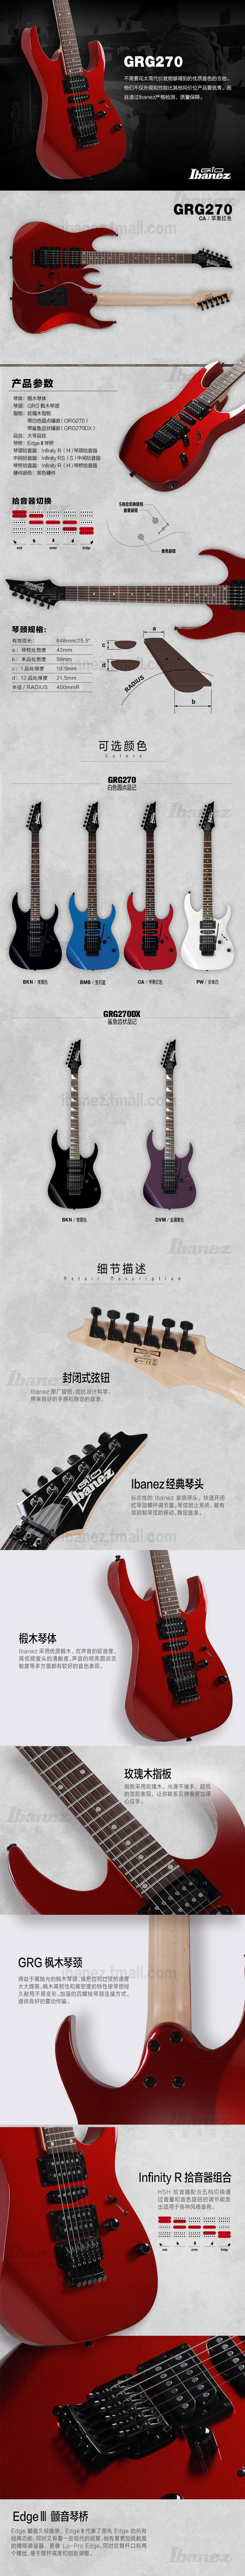 Ibanez官方旗舰店 爱宾斯 依班娜 GRG270 电吉他 双单双拾音器 06